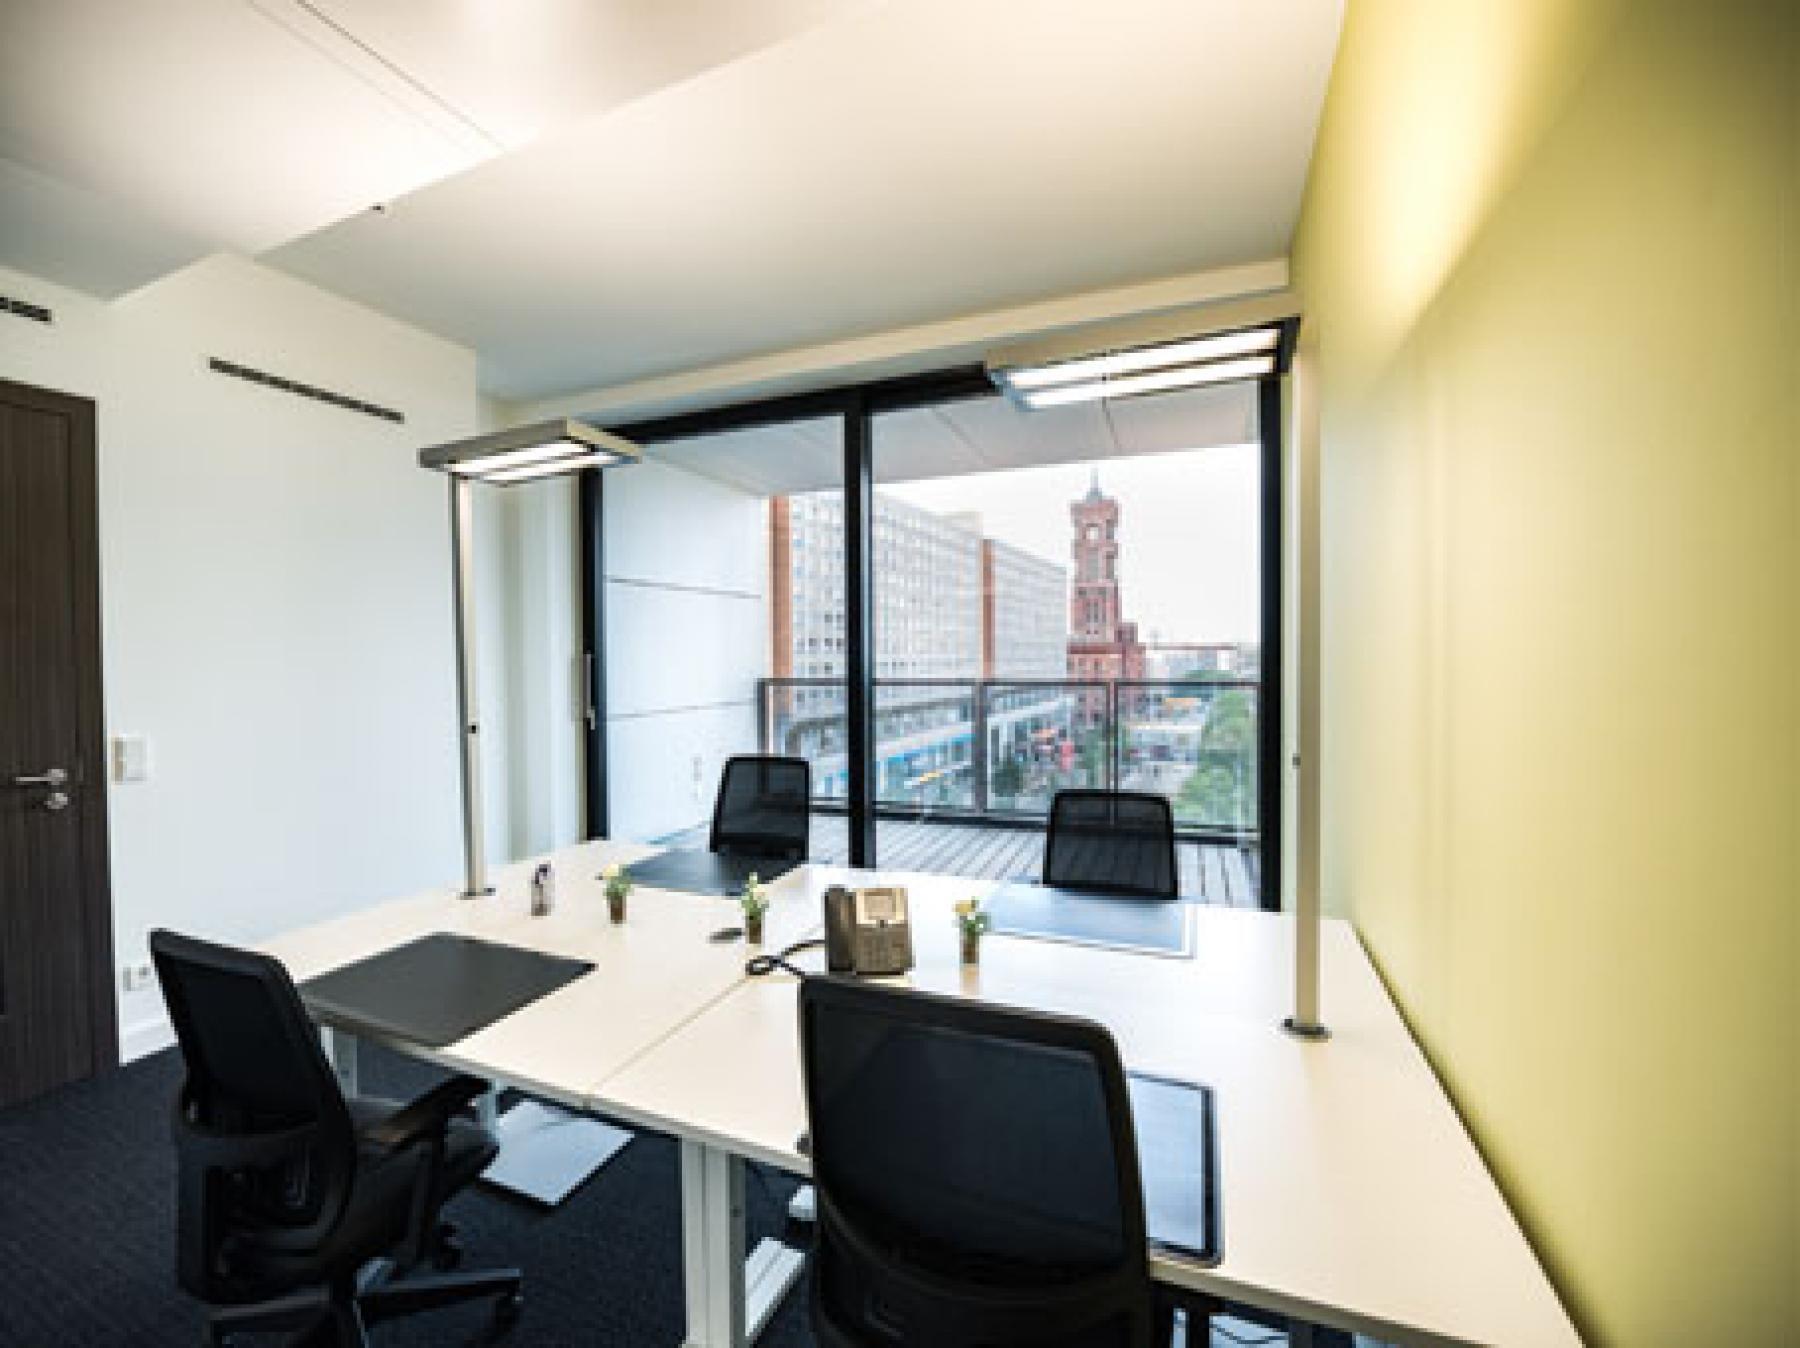 Schöne und helle Bürofläche mieten in Berlin Mitte